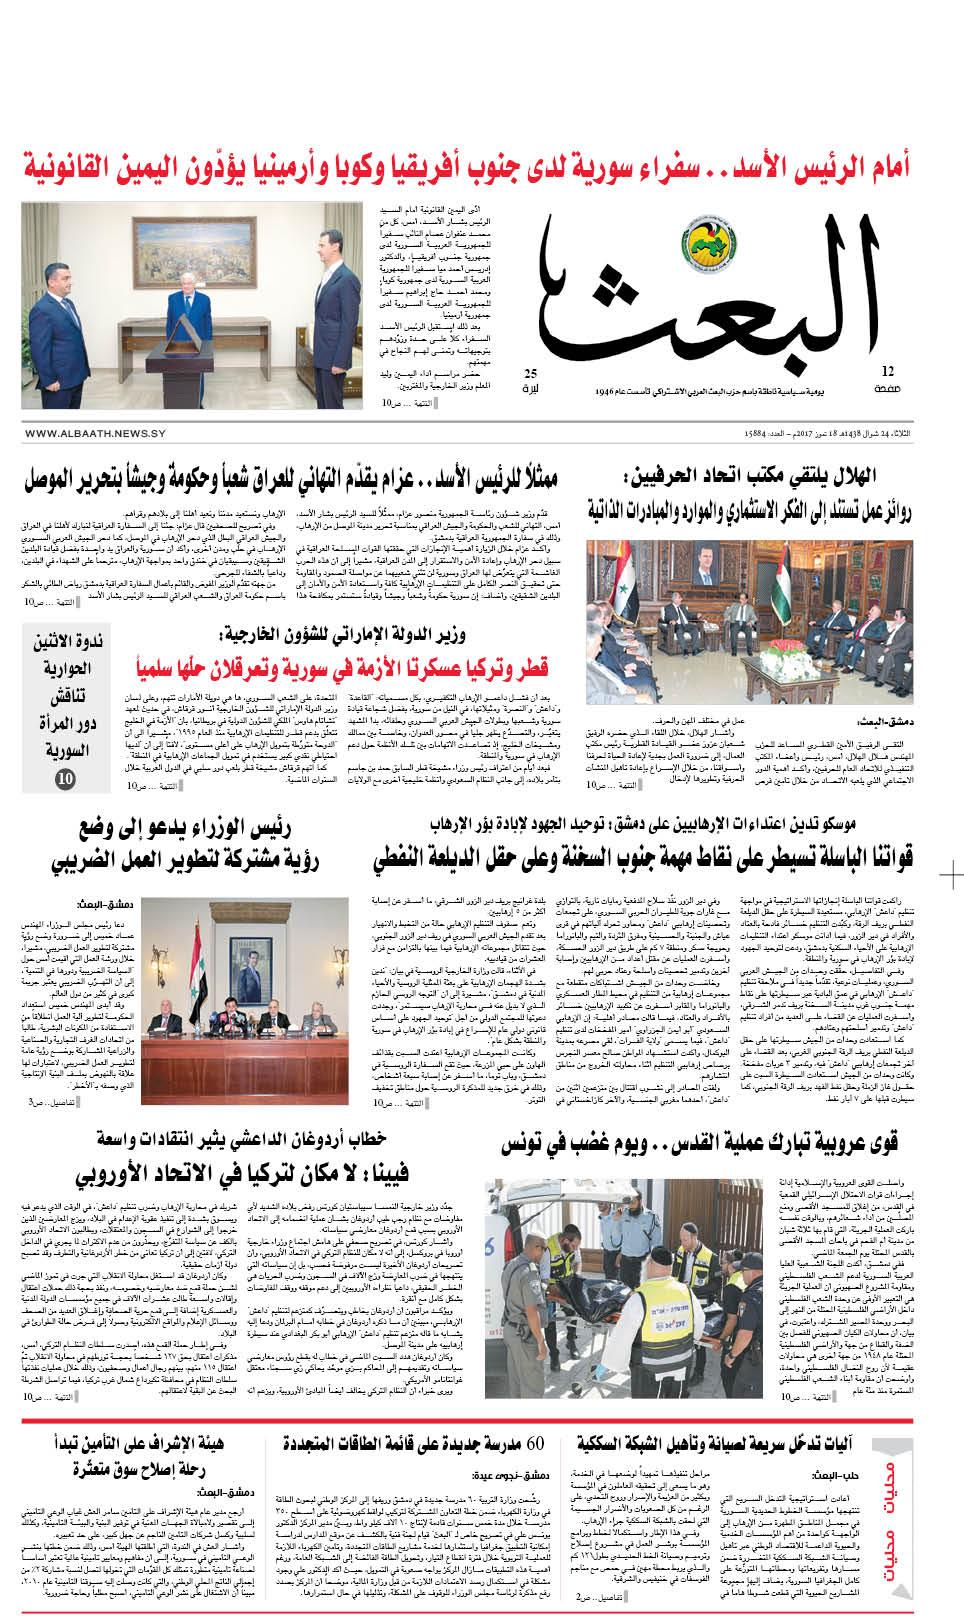 لتصفح العدد 15884 تاريخ 18-7-2017